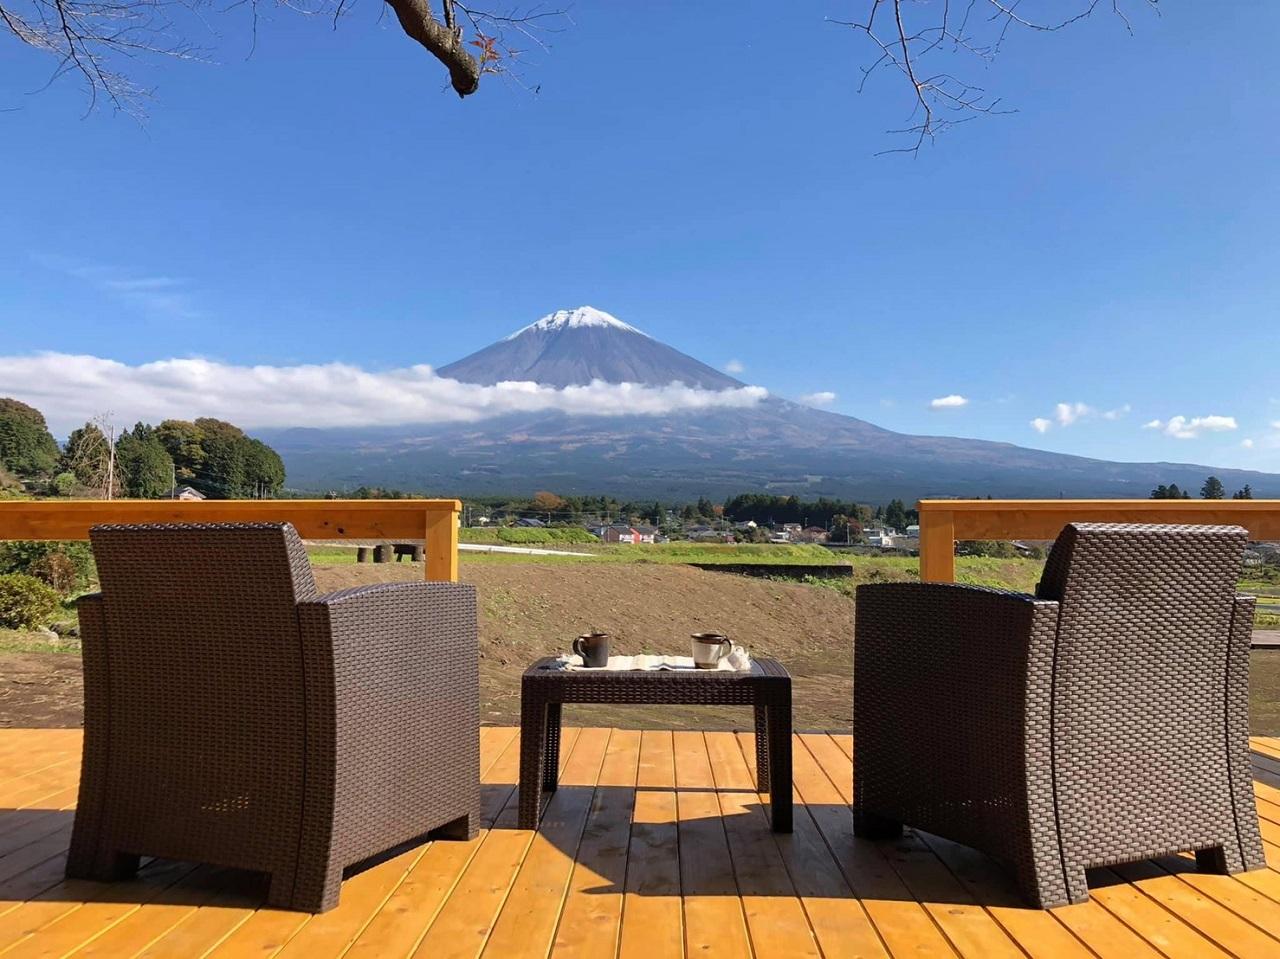 ตื่นเช้ามาจิบกาแฟพร้อมชมวิวชิลล์ๆ ที่ MT. FUJI SATOYAMA VACATION